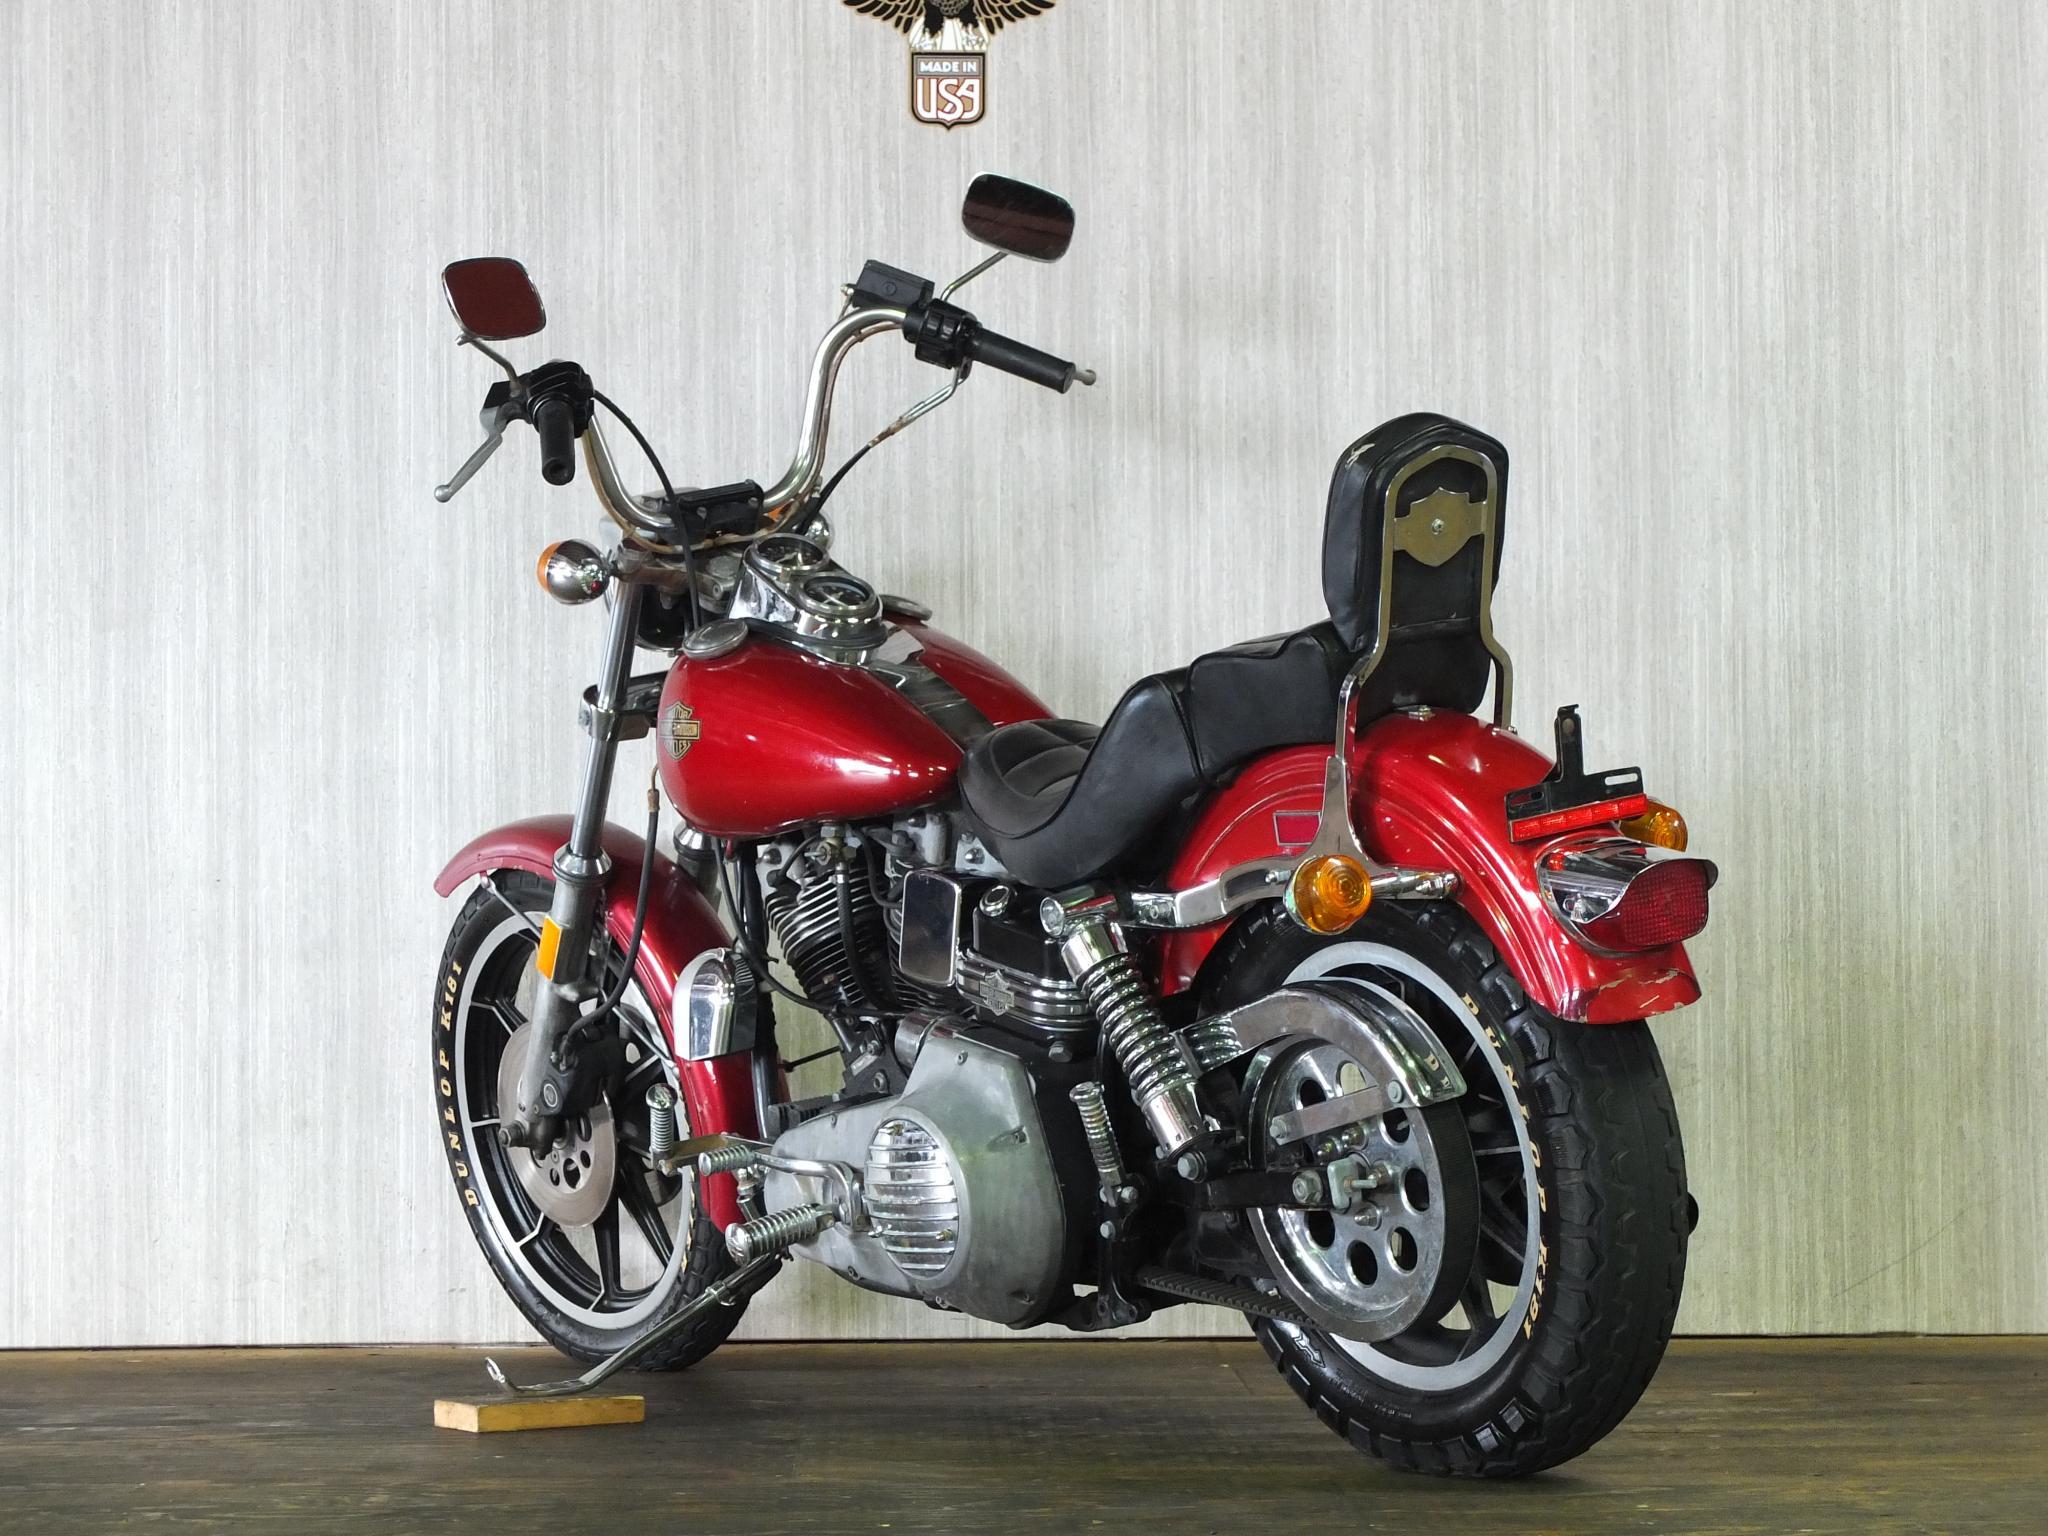 ハーレーダビッドソン 1983 FXSB Low Rider 車体写真6